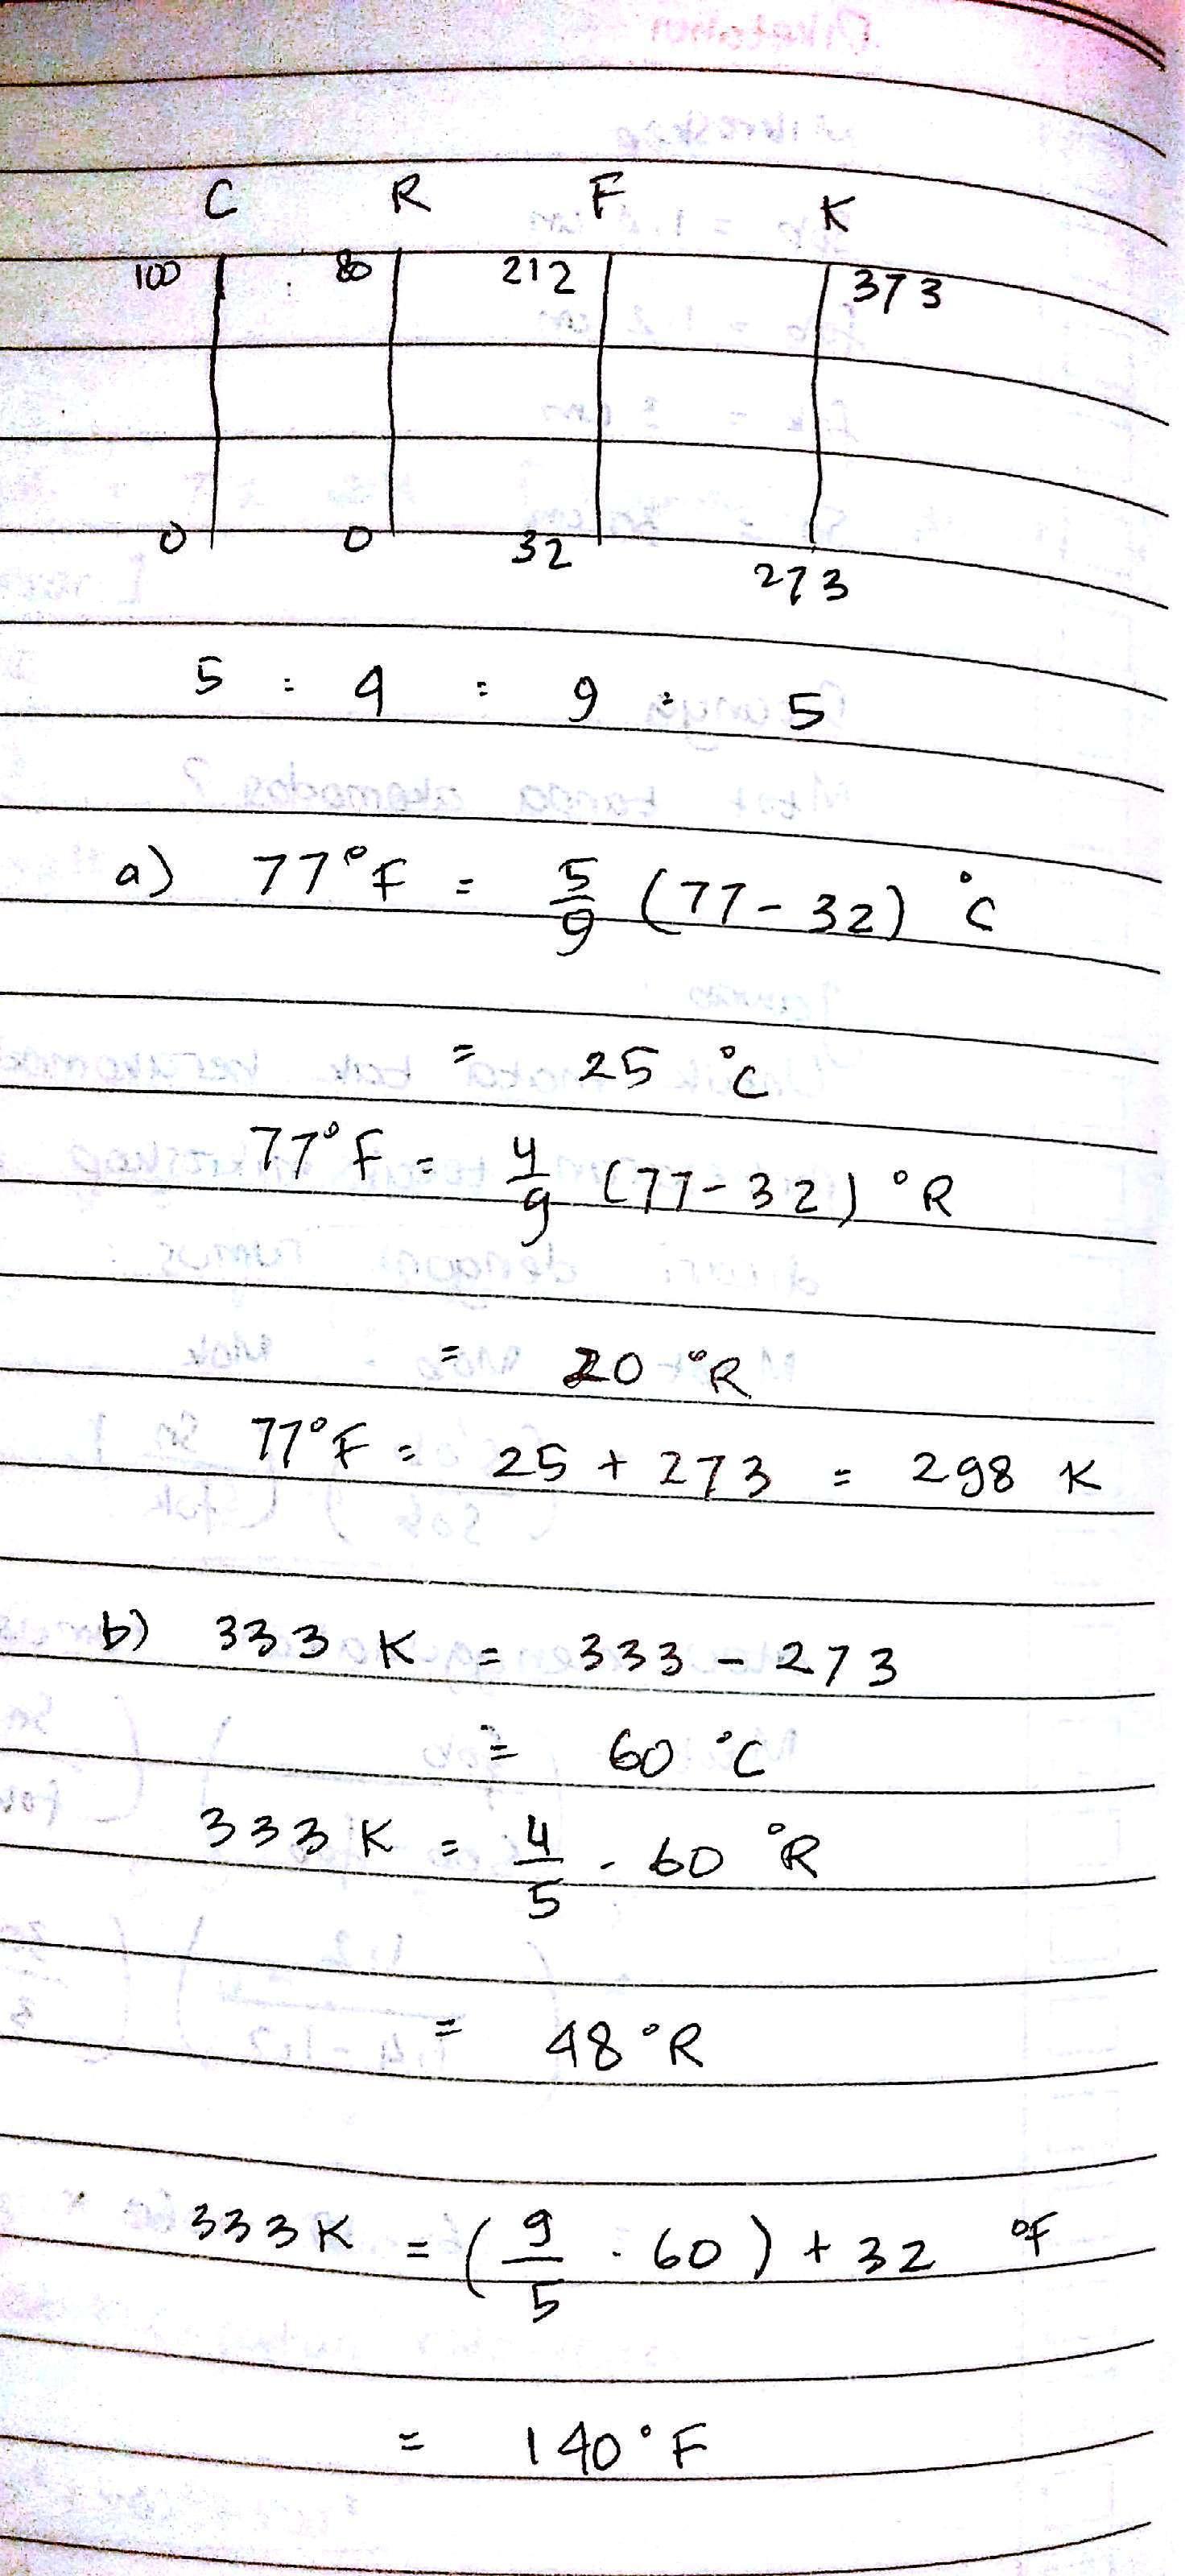 Jawaban Uji Kompetensi Bab 4 Halaman 154 IPA Kelas 7 (Suhu ...